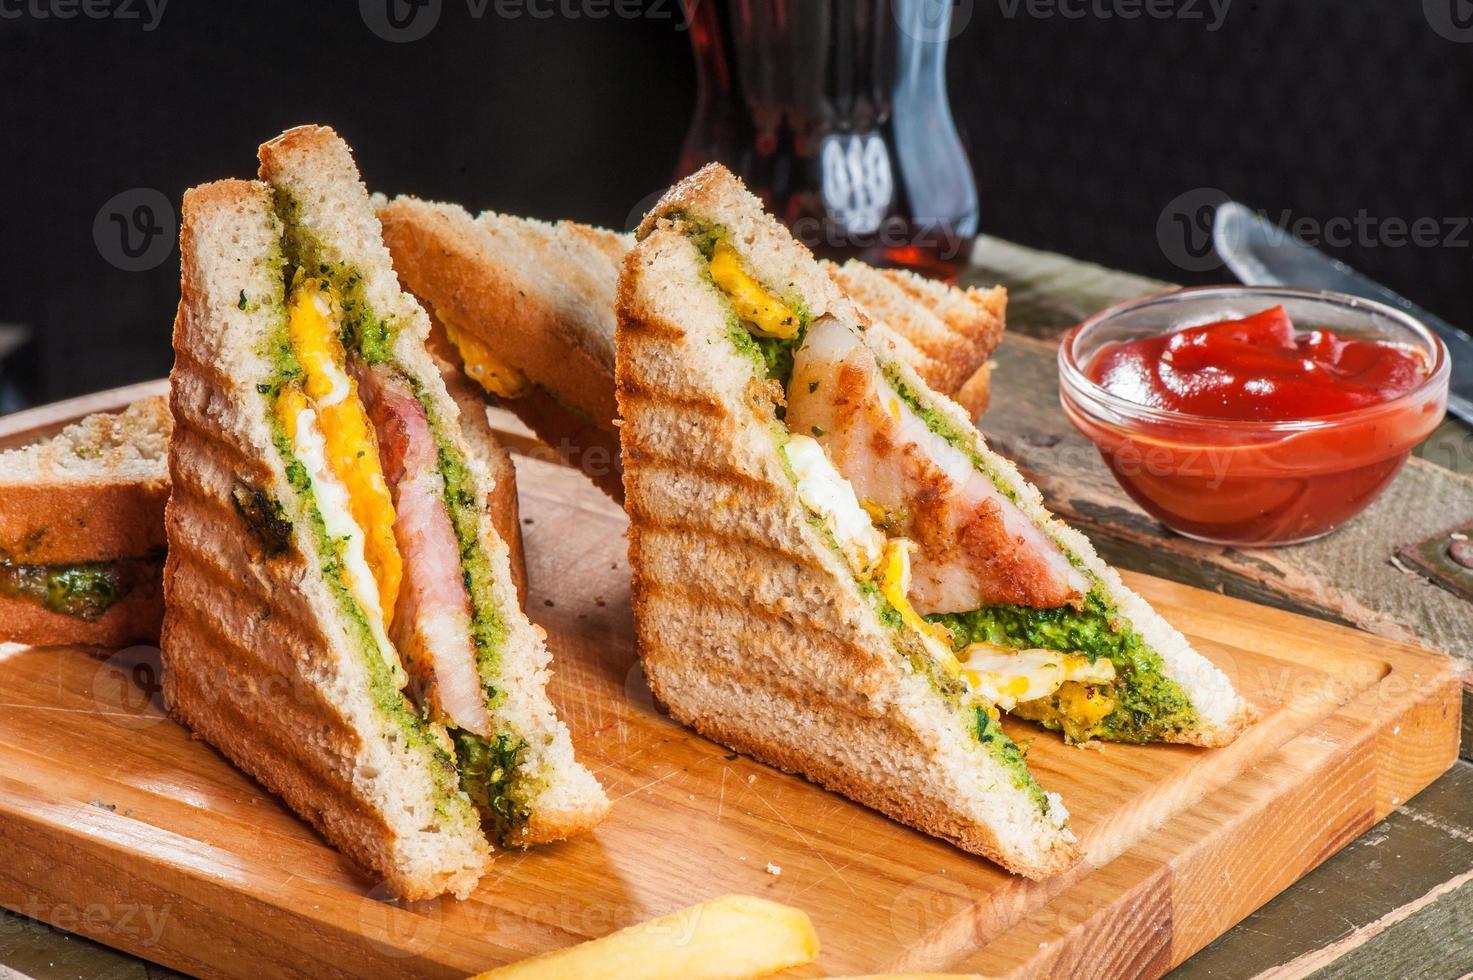 sanduíches grelhados com frango e ovo foto